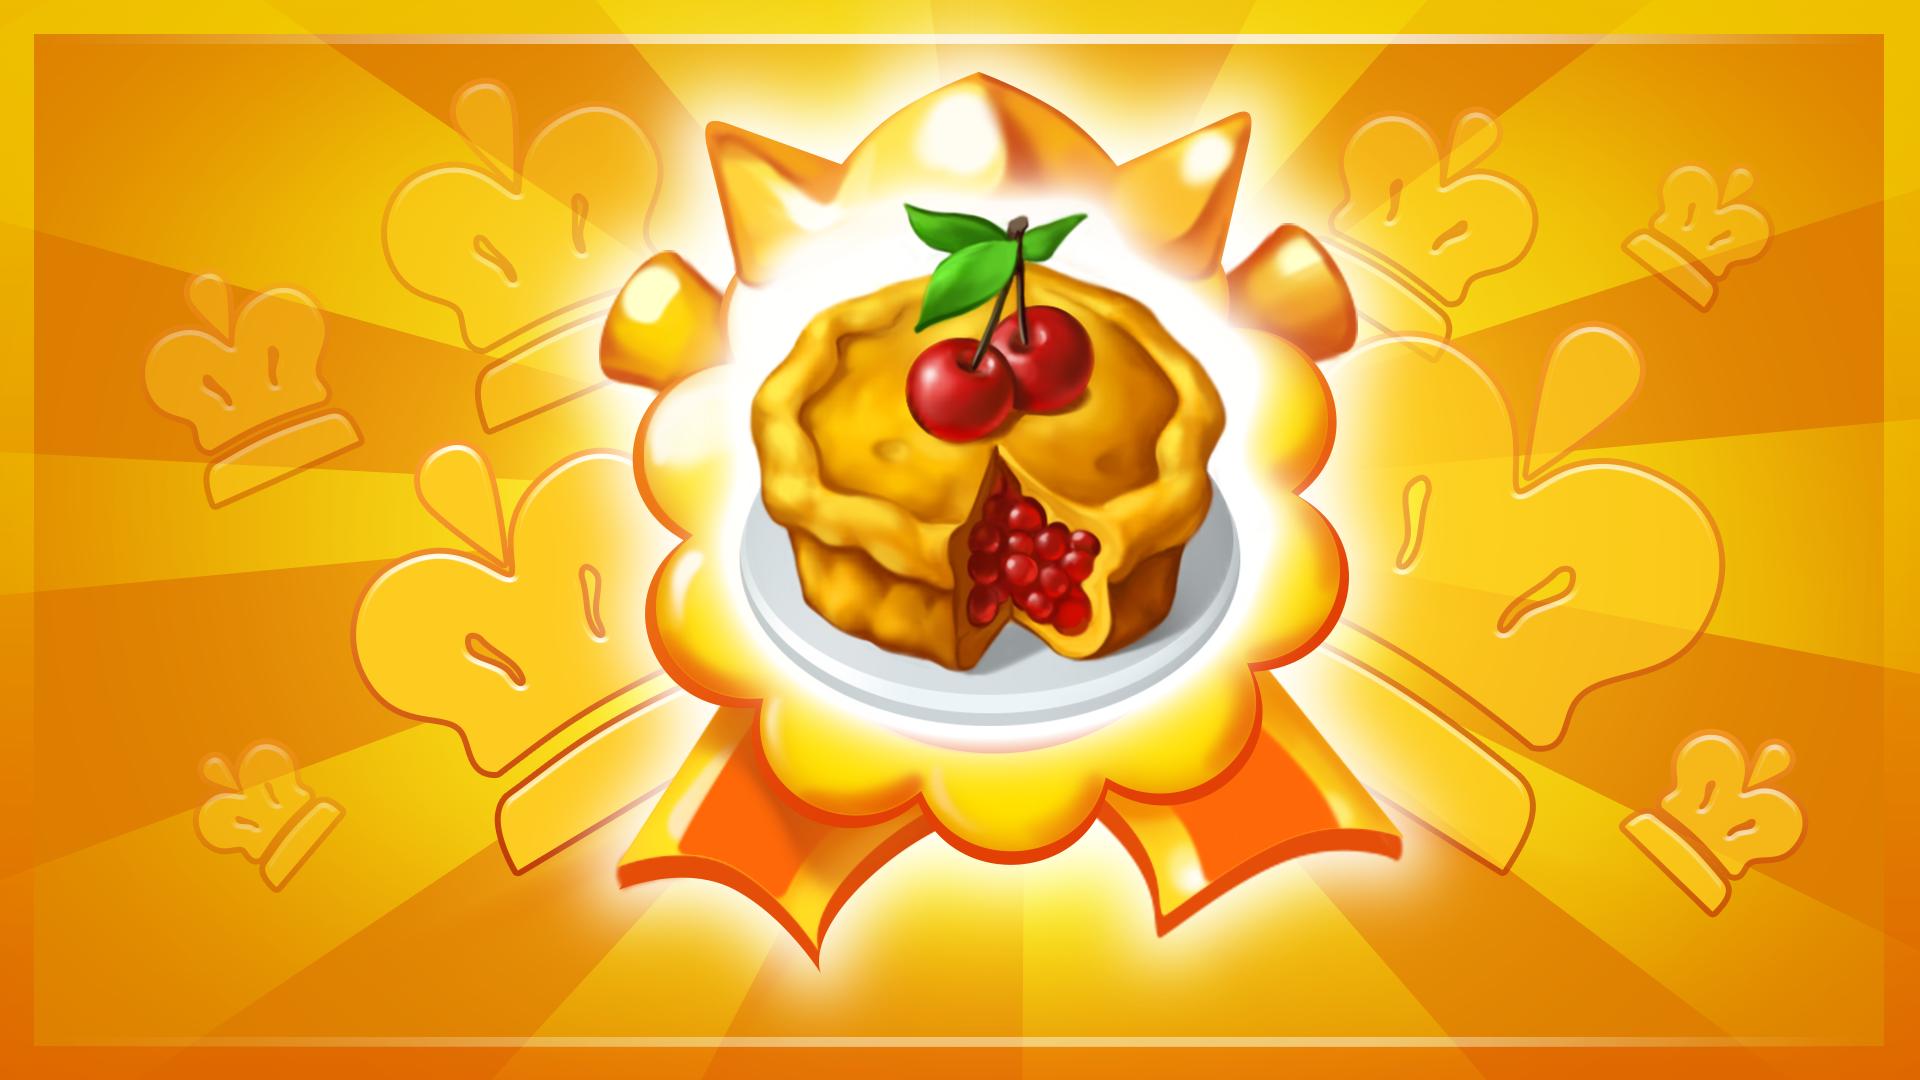 Icon for Bon Appetit! 3